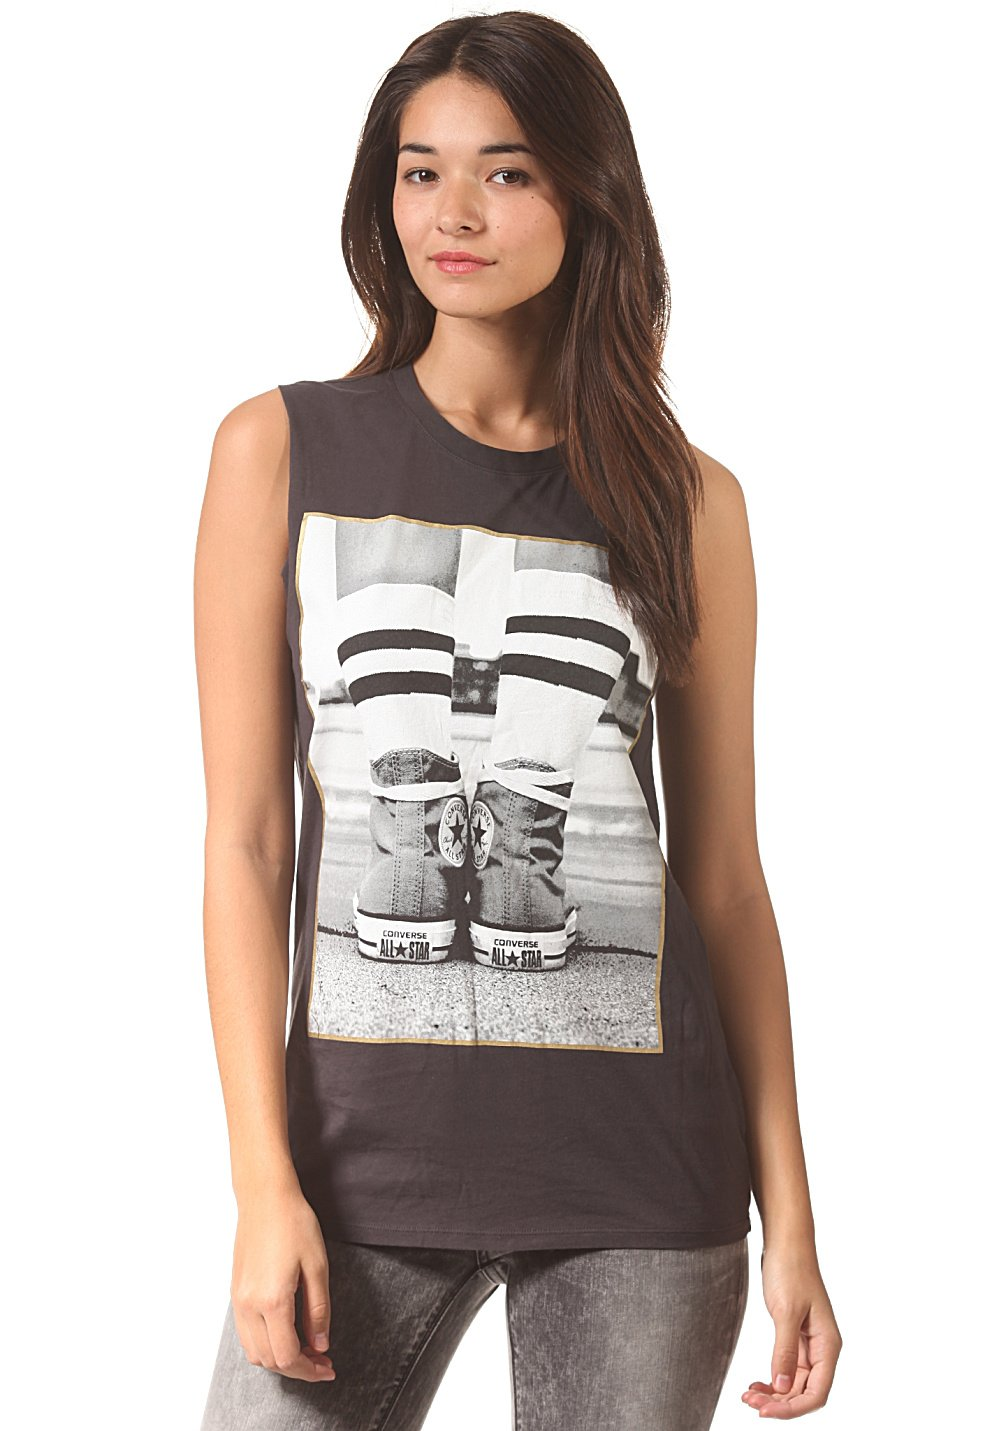 Converse Shirt. Damen. Kurzarm. Tolles Shirt für Freizeit und Sport geeignet. Black.